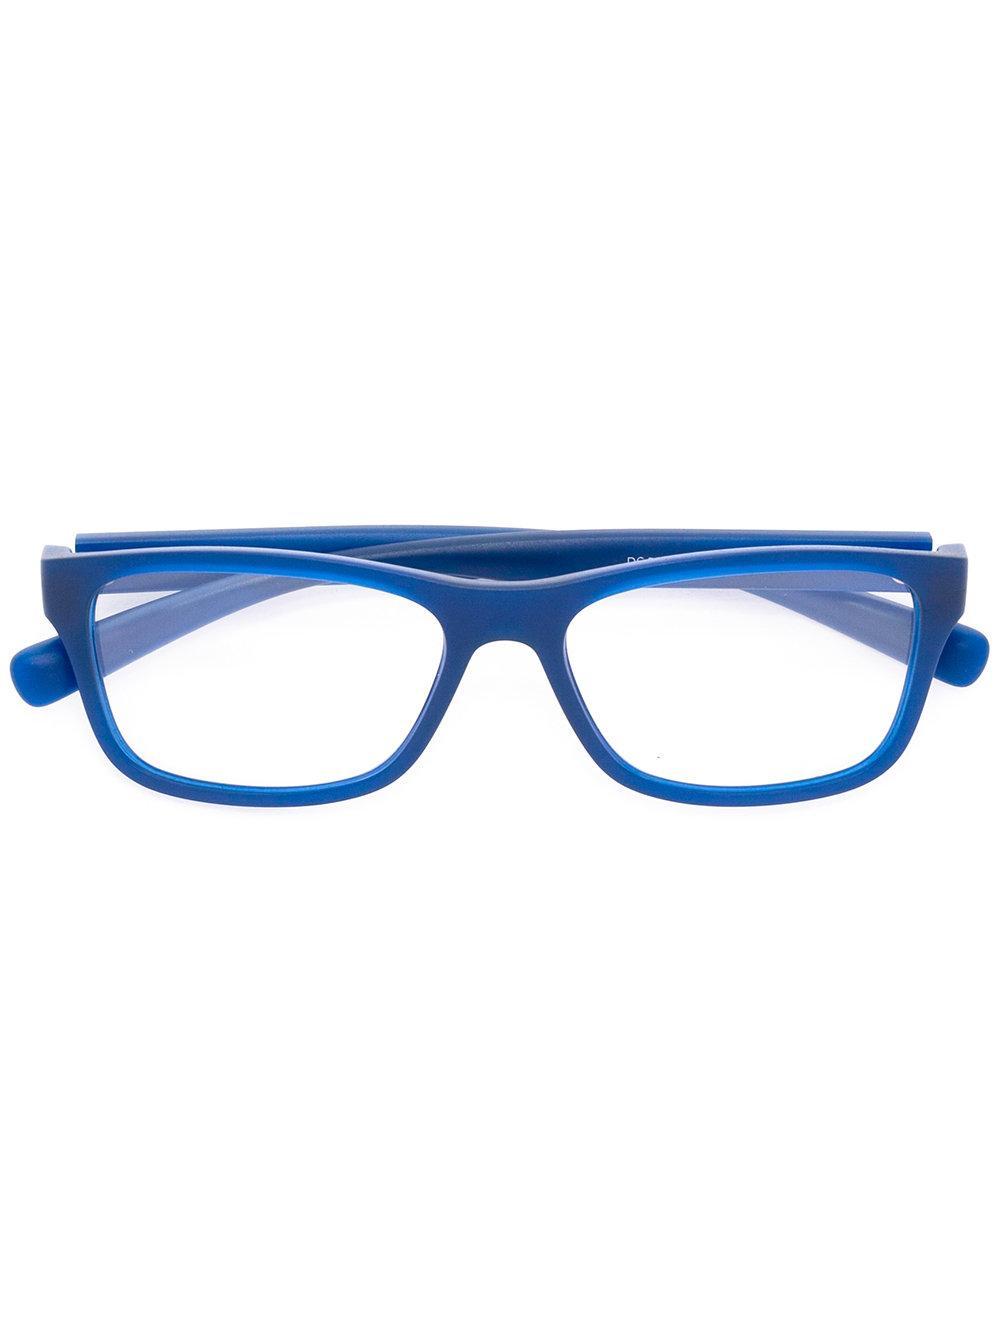 Dolce & gabbana Rectangular Frame Glasses in Blue Lyst